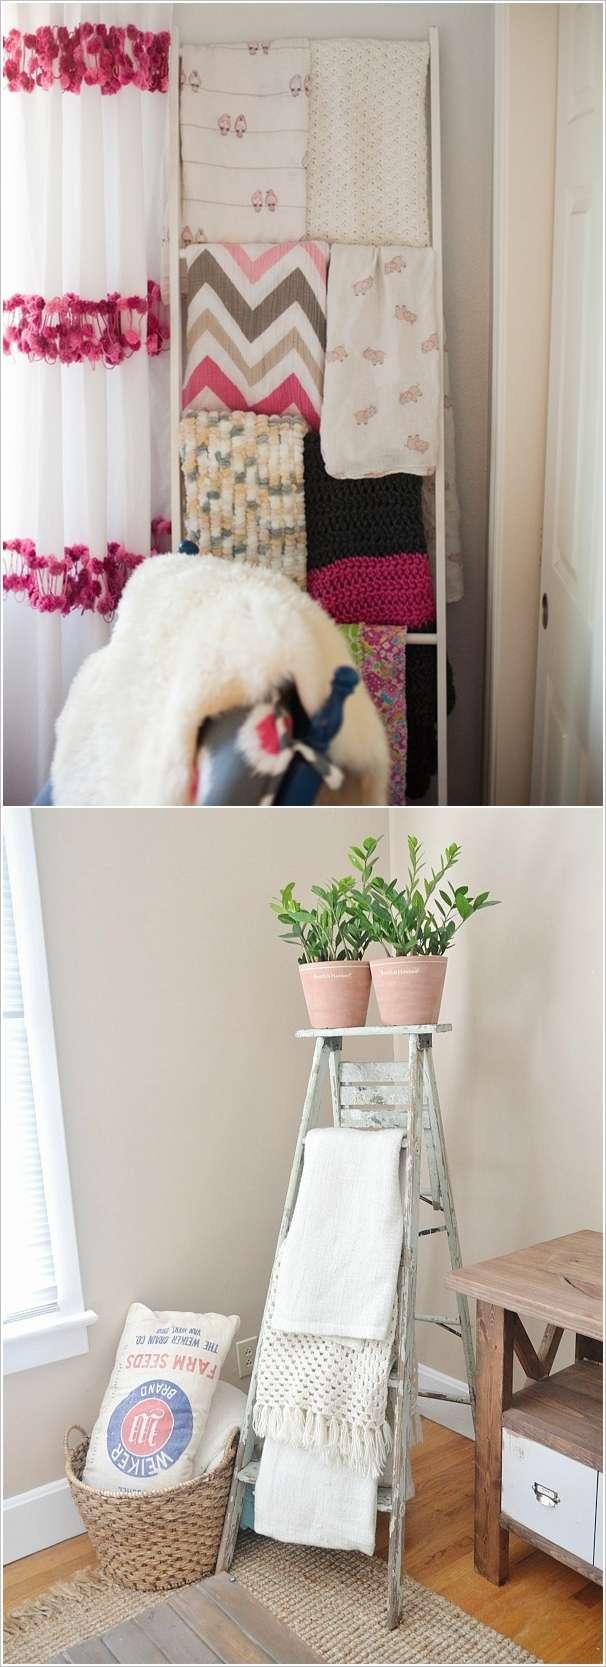 image2-48 | 13 креативных идей для украшения дома на зиму